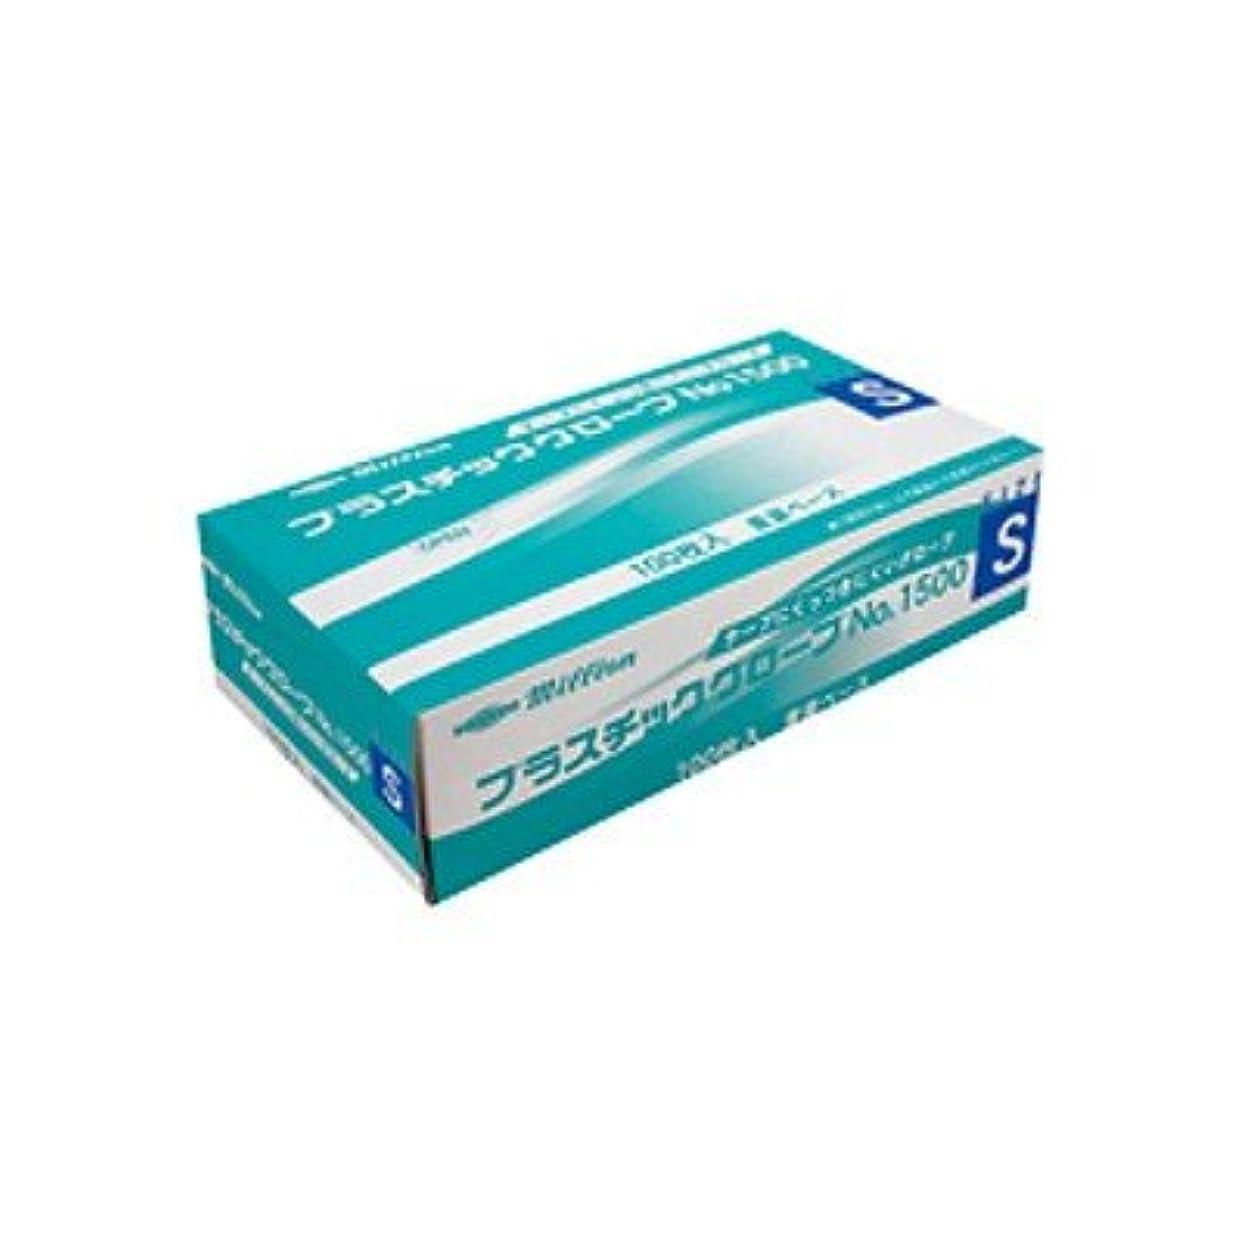 肌寒いクリープキャラクターミリオン プラスチック手袋 粉付No.1500 S 品番:LH-1500-S 注文番号:62741583 メーカー:共和